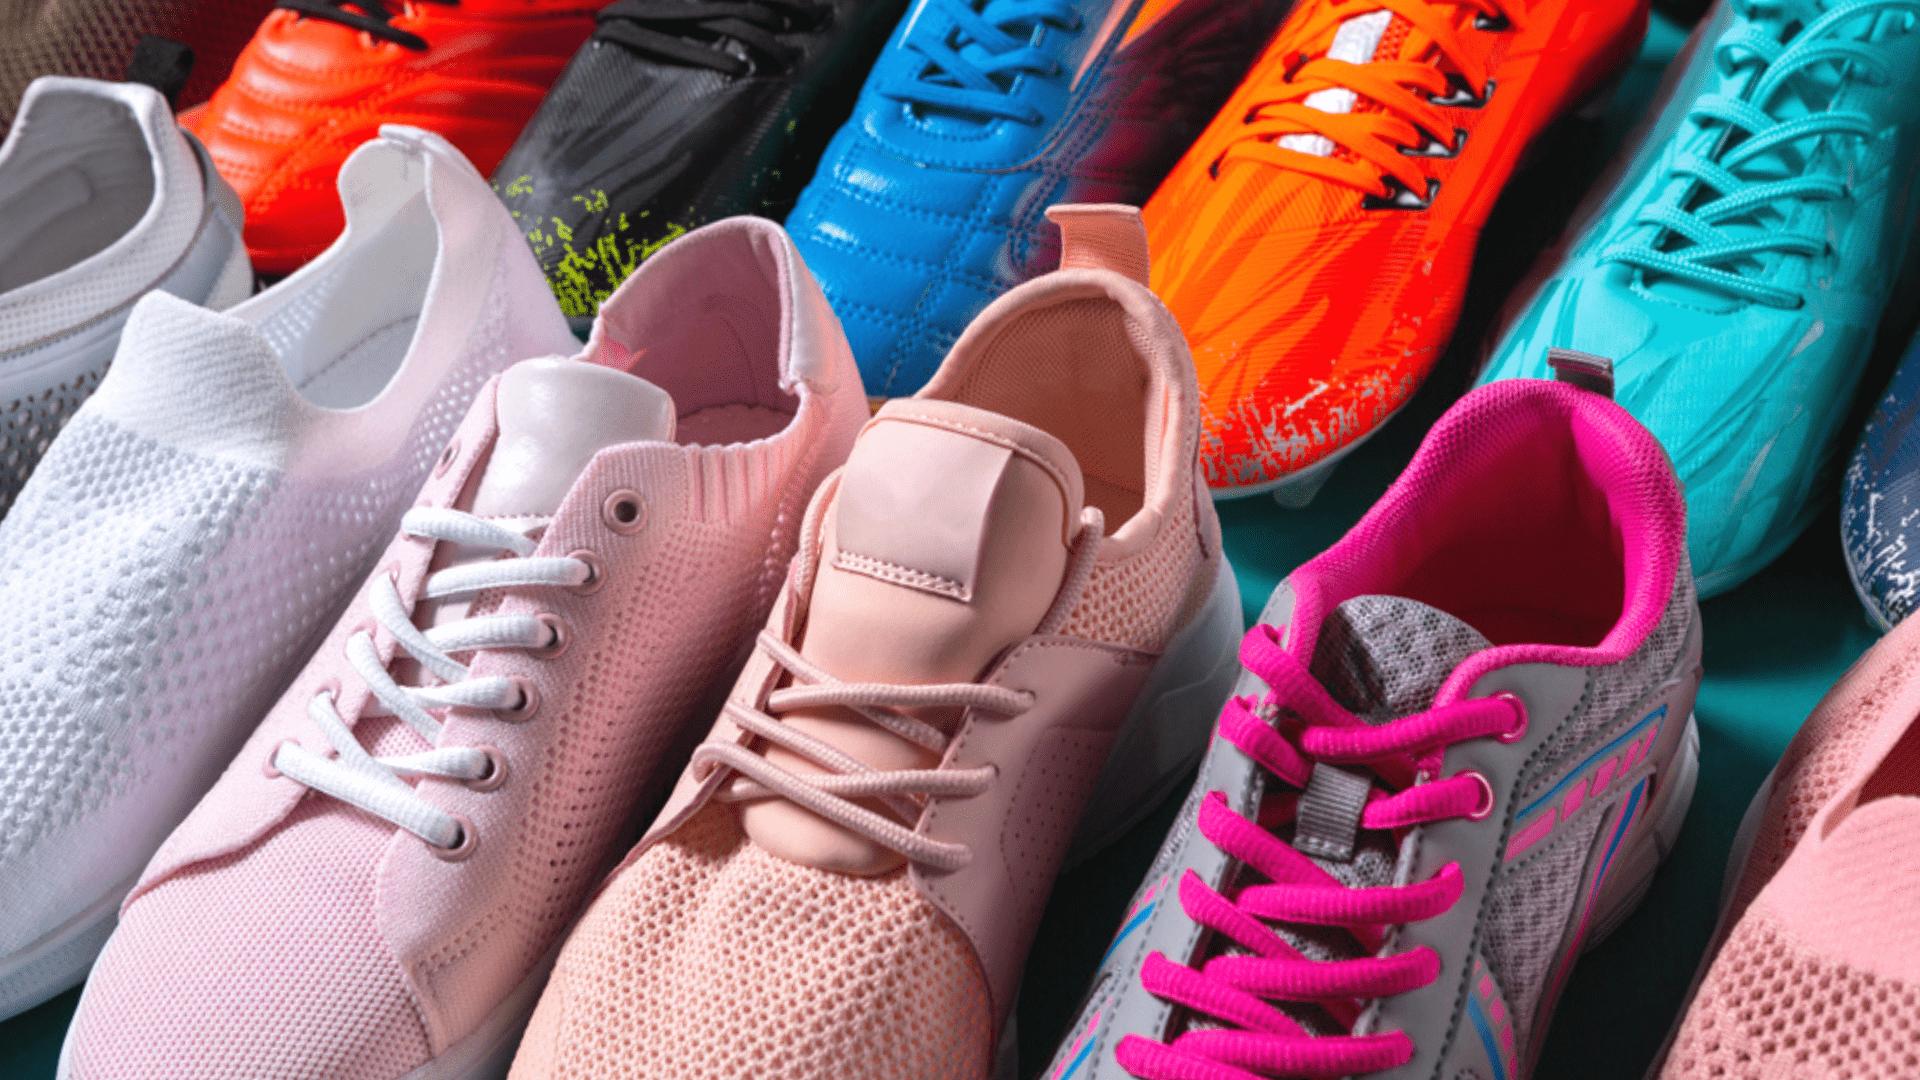 O mesh é uma malha entrelaçada que ajuda a ventilar os pés (Imagem: Reprodução/Shutterstock)